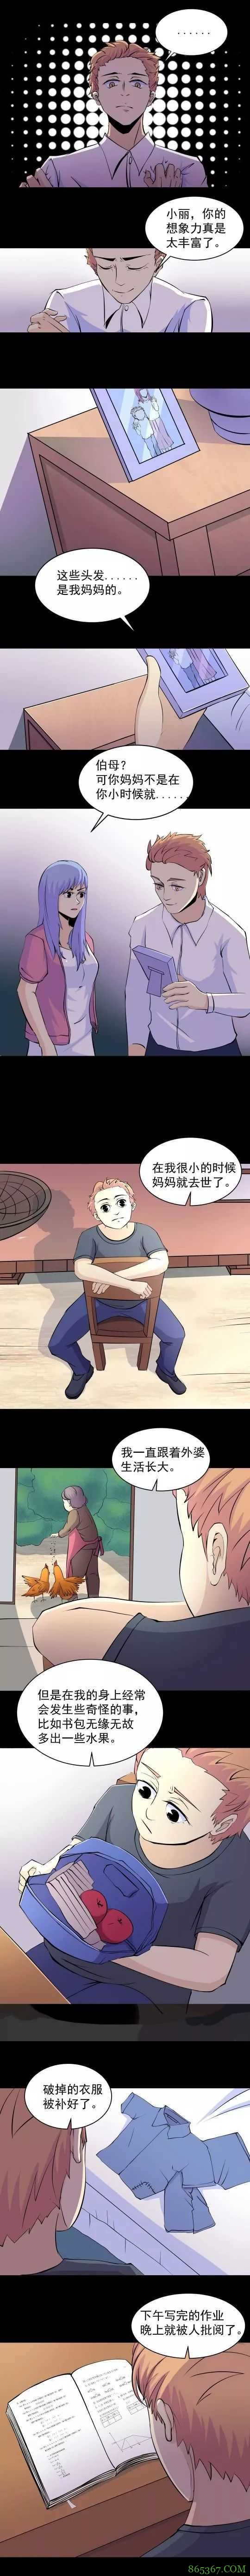 恐怖漫画《嬗变》 医生男朋友会是杀人凶手吗